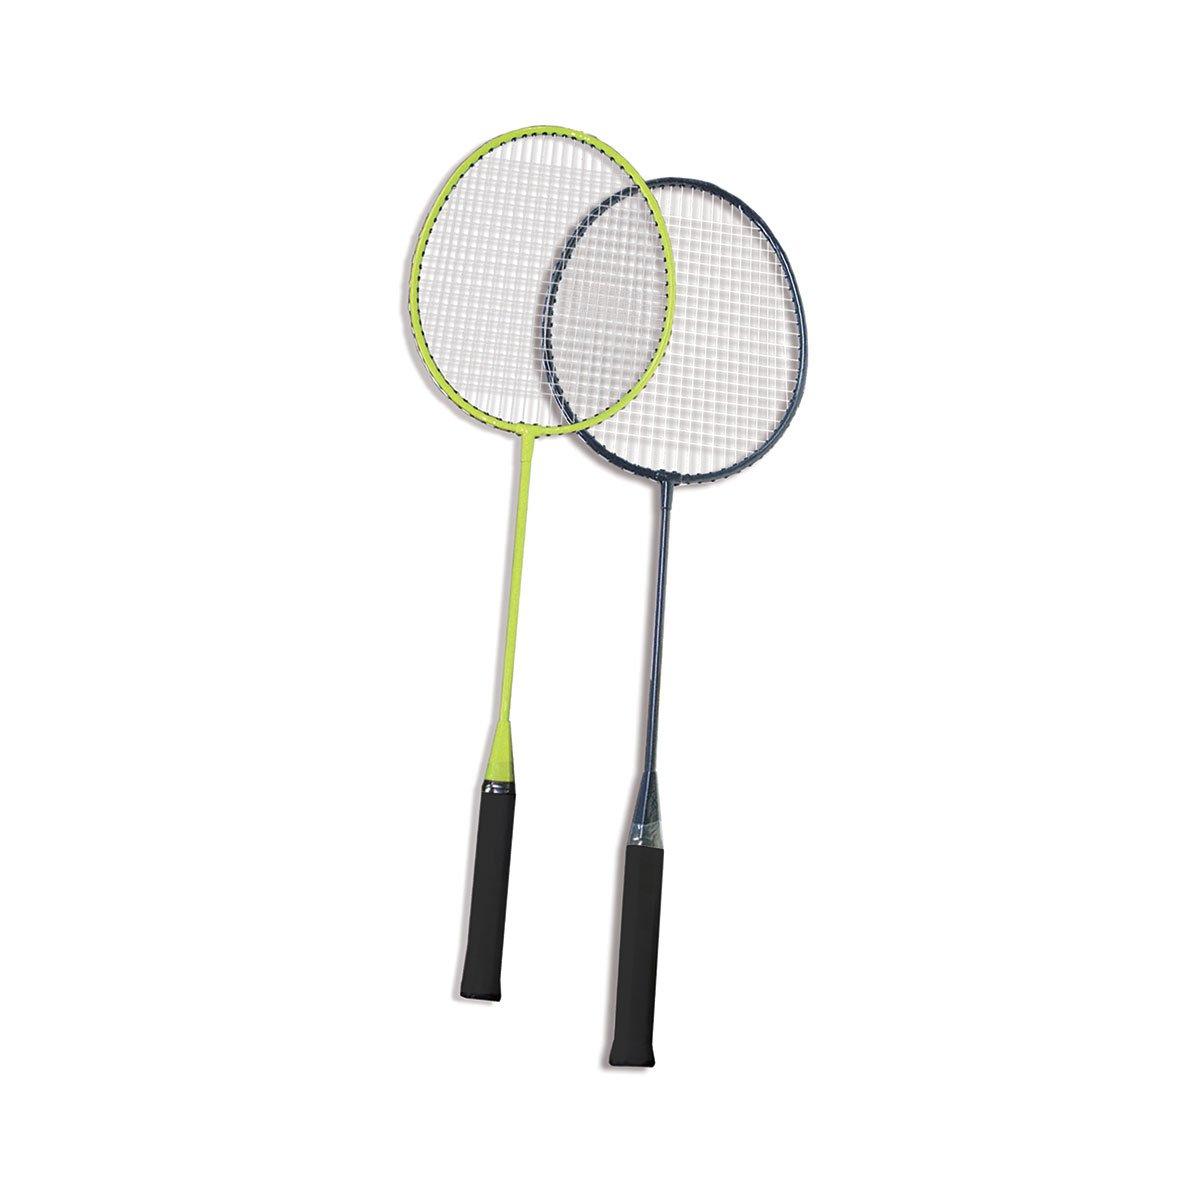 VGEBY1 Raquettes de Badminton pour Enfants Raquette de Badminton avec Balle Ronde Balle de Badminton Balle en Plume pour Enfants